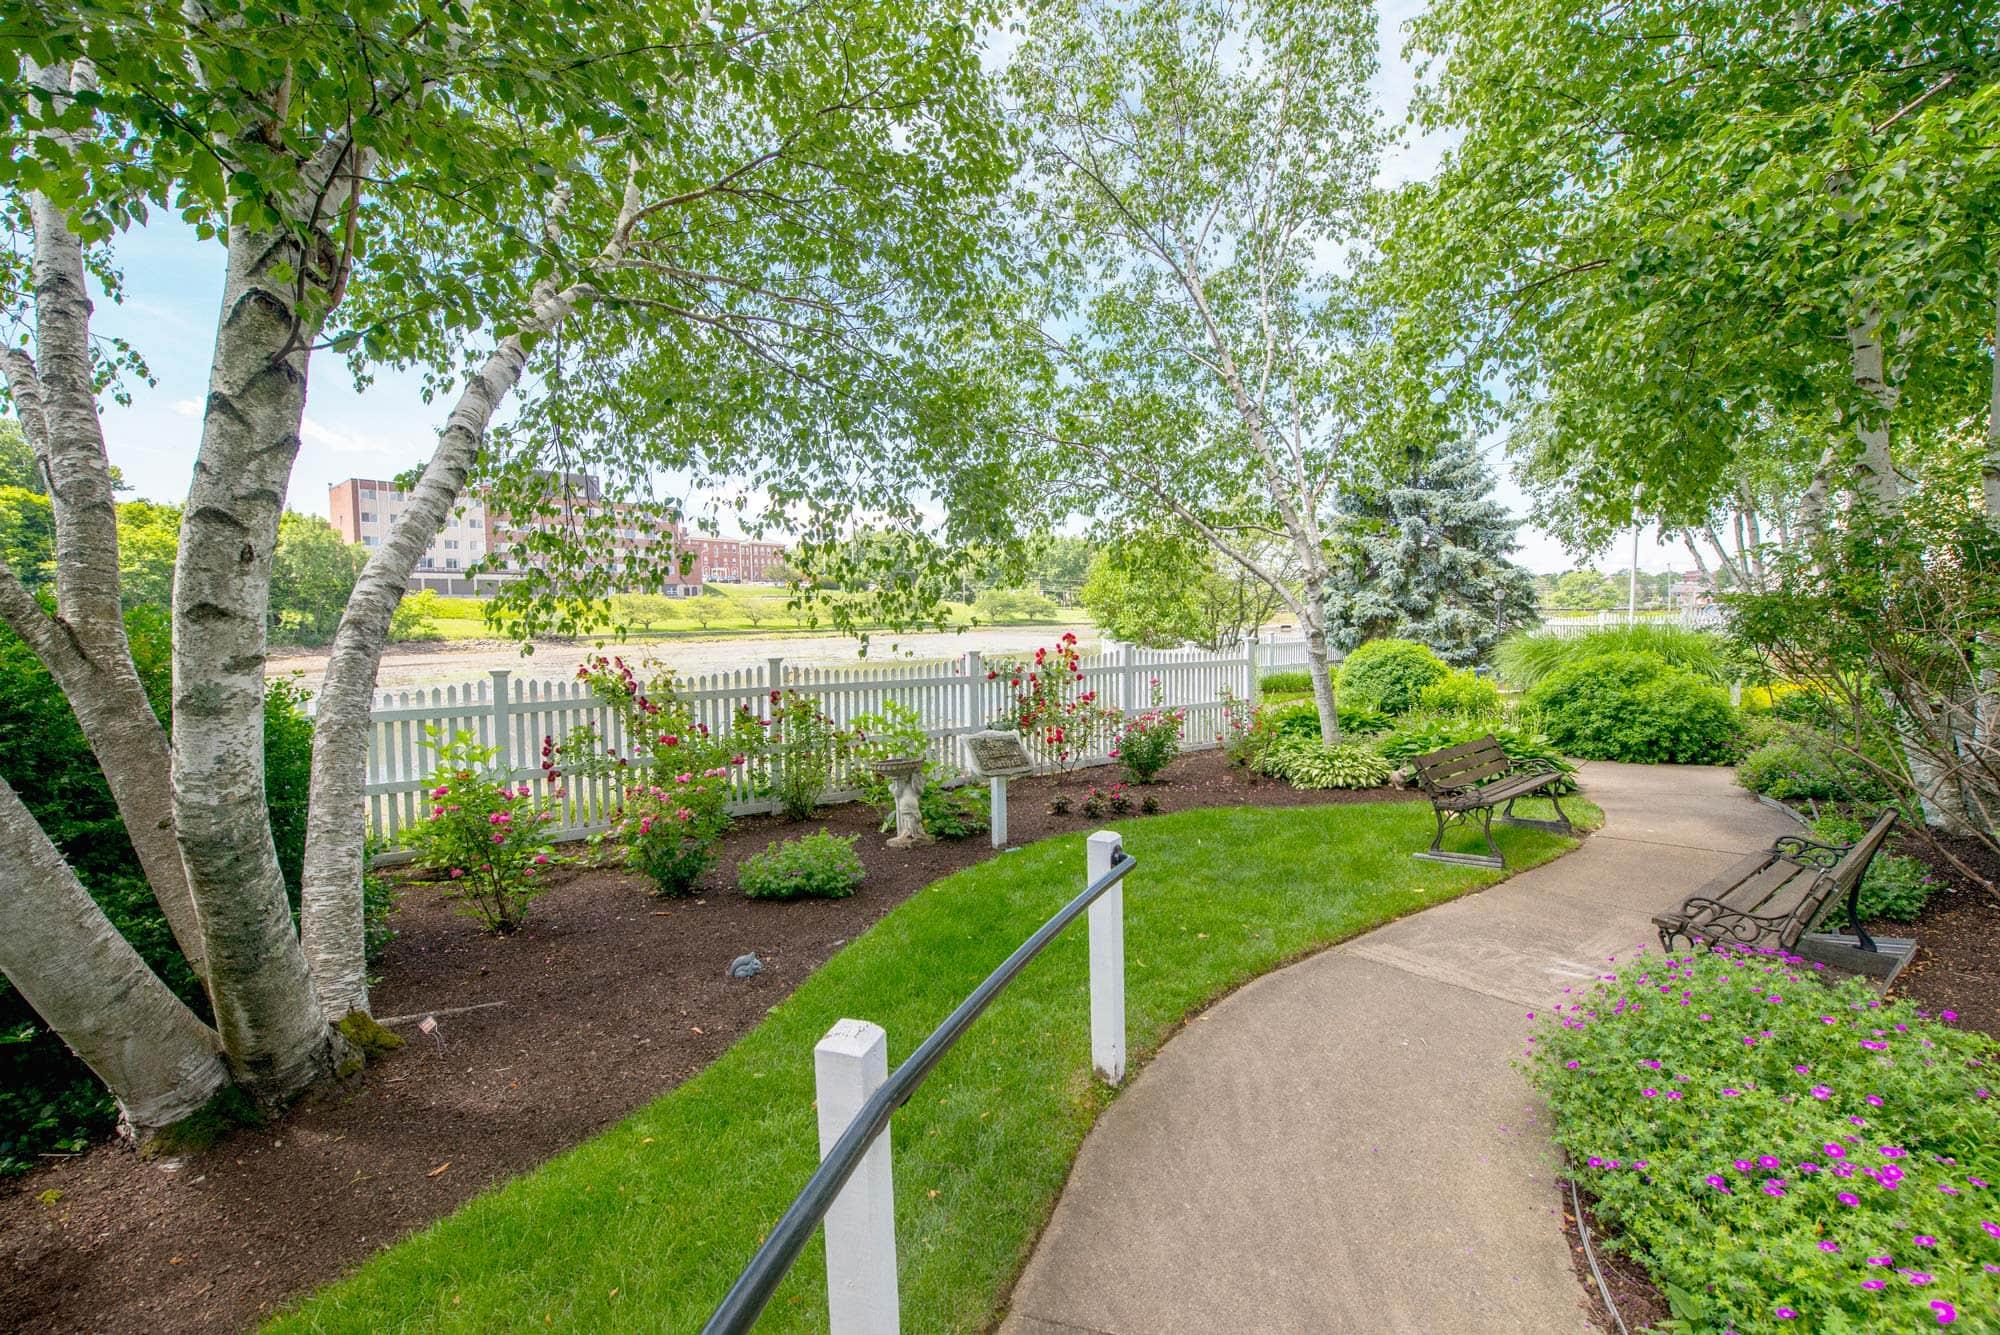 The Wentworth Senior Living garden walking path